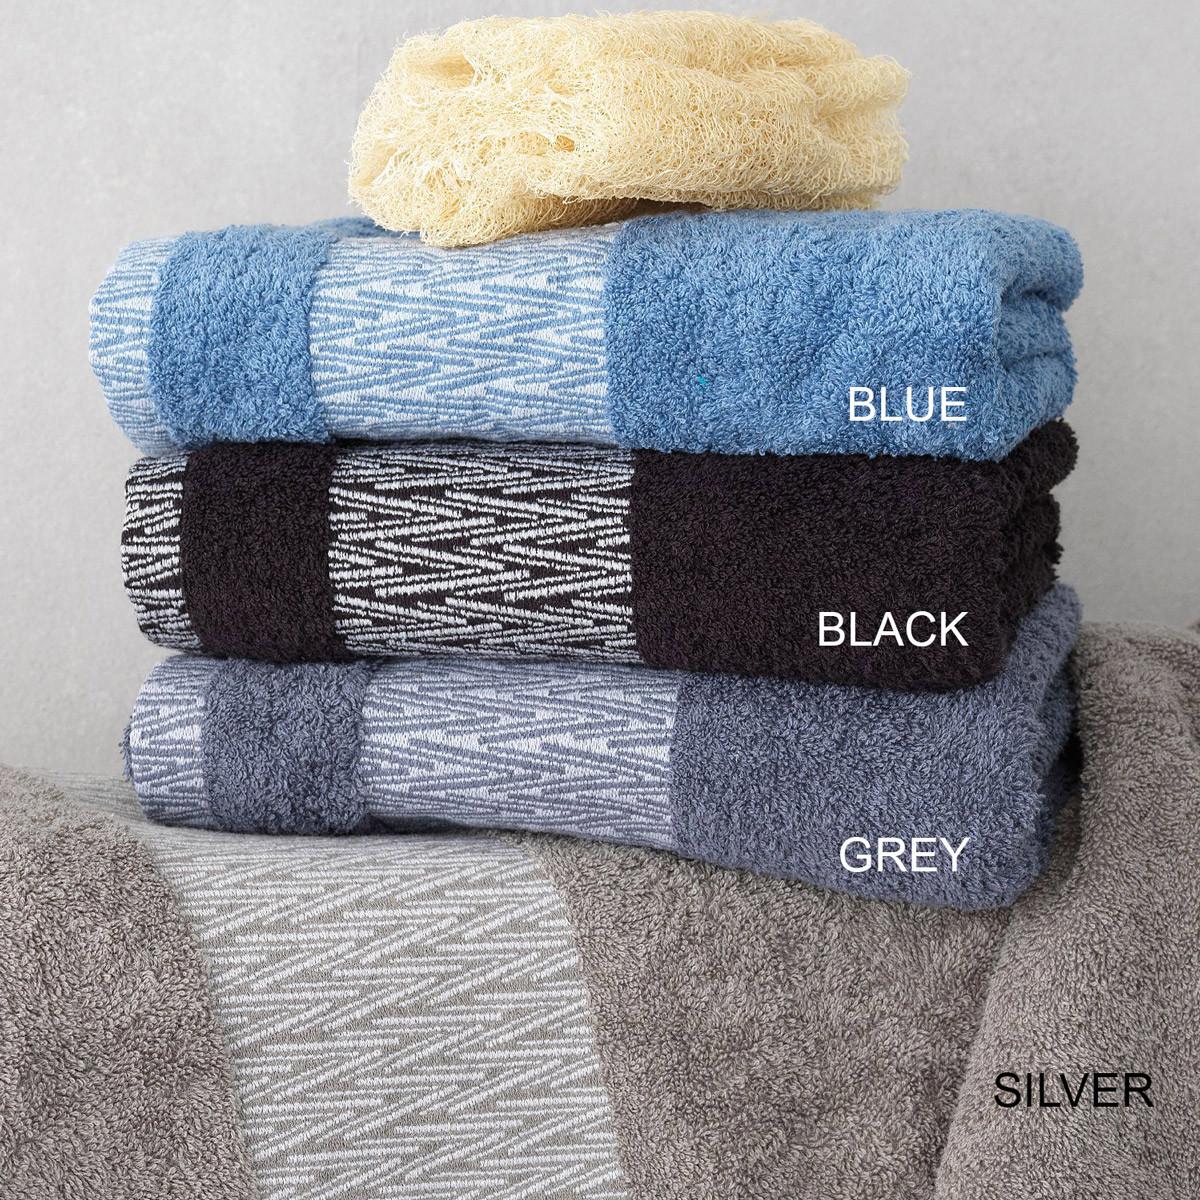 Πετσέτες Μπάνιου (Σετ 3τμχ) Palamaiki Towels Cruz home   μπάνιο   πετσέτες μπάνιου